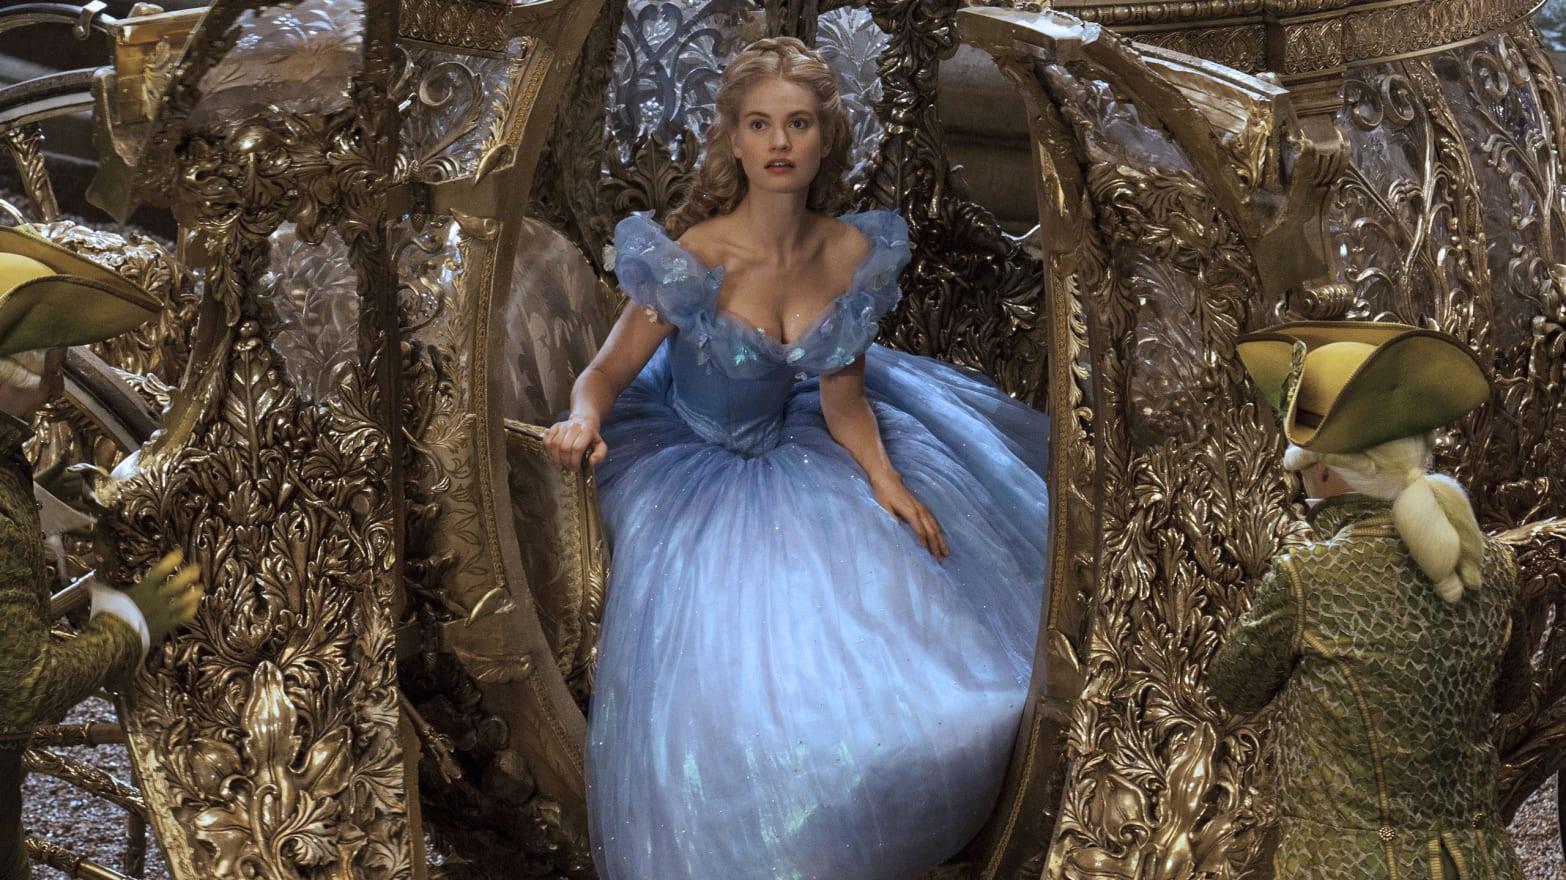 Nhan sắc 4 nàng công chúa Disney trong phim và đời thực: Emma Watson gây thất vọng giữa dà ngọc quý đẹp lạ - Ảnh 3.